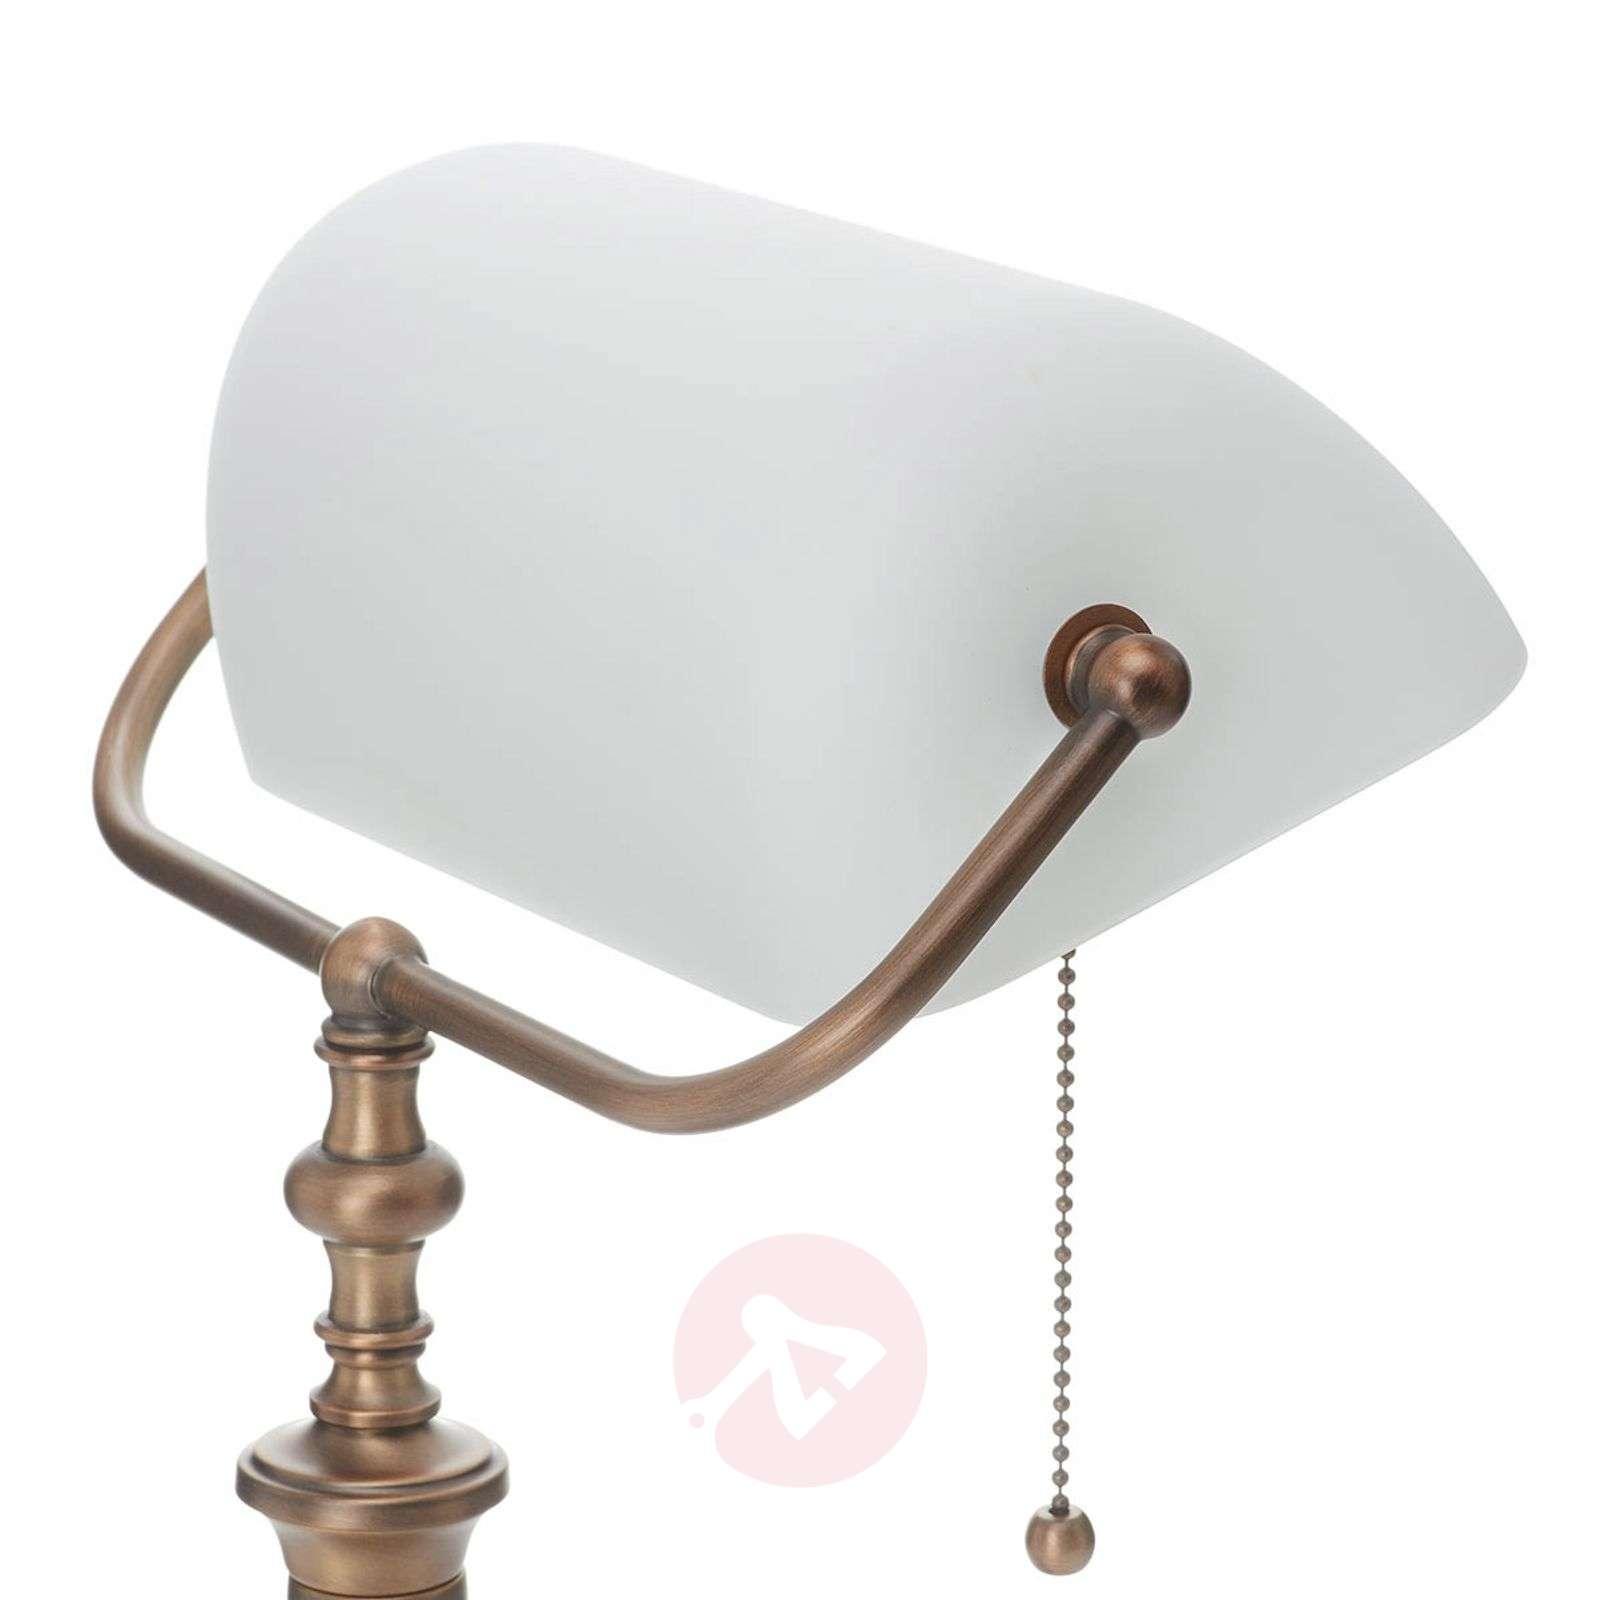 Erikoinen Classical-pankkiirilamppu, valkoinen-8509350-01